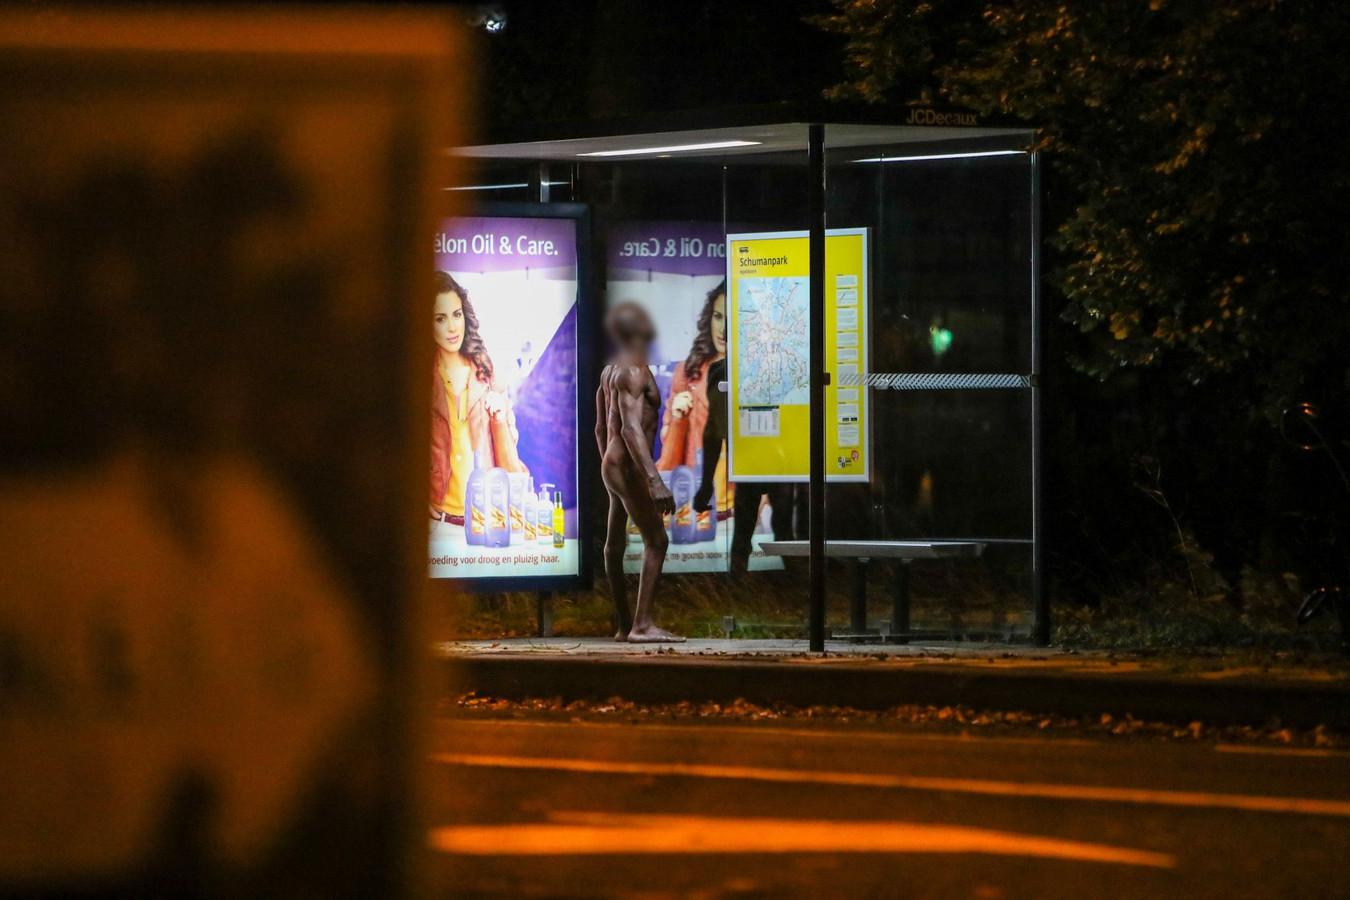 Een naakte man zorgt bij een bushokje vlakbij het politiebureau in Apeldoorn voor onrust.